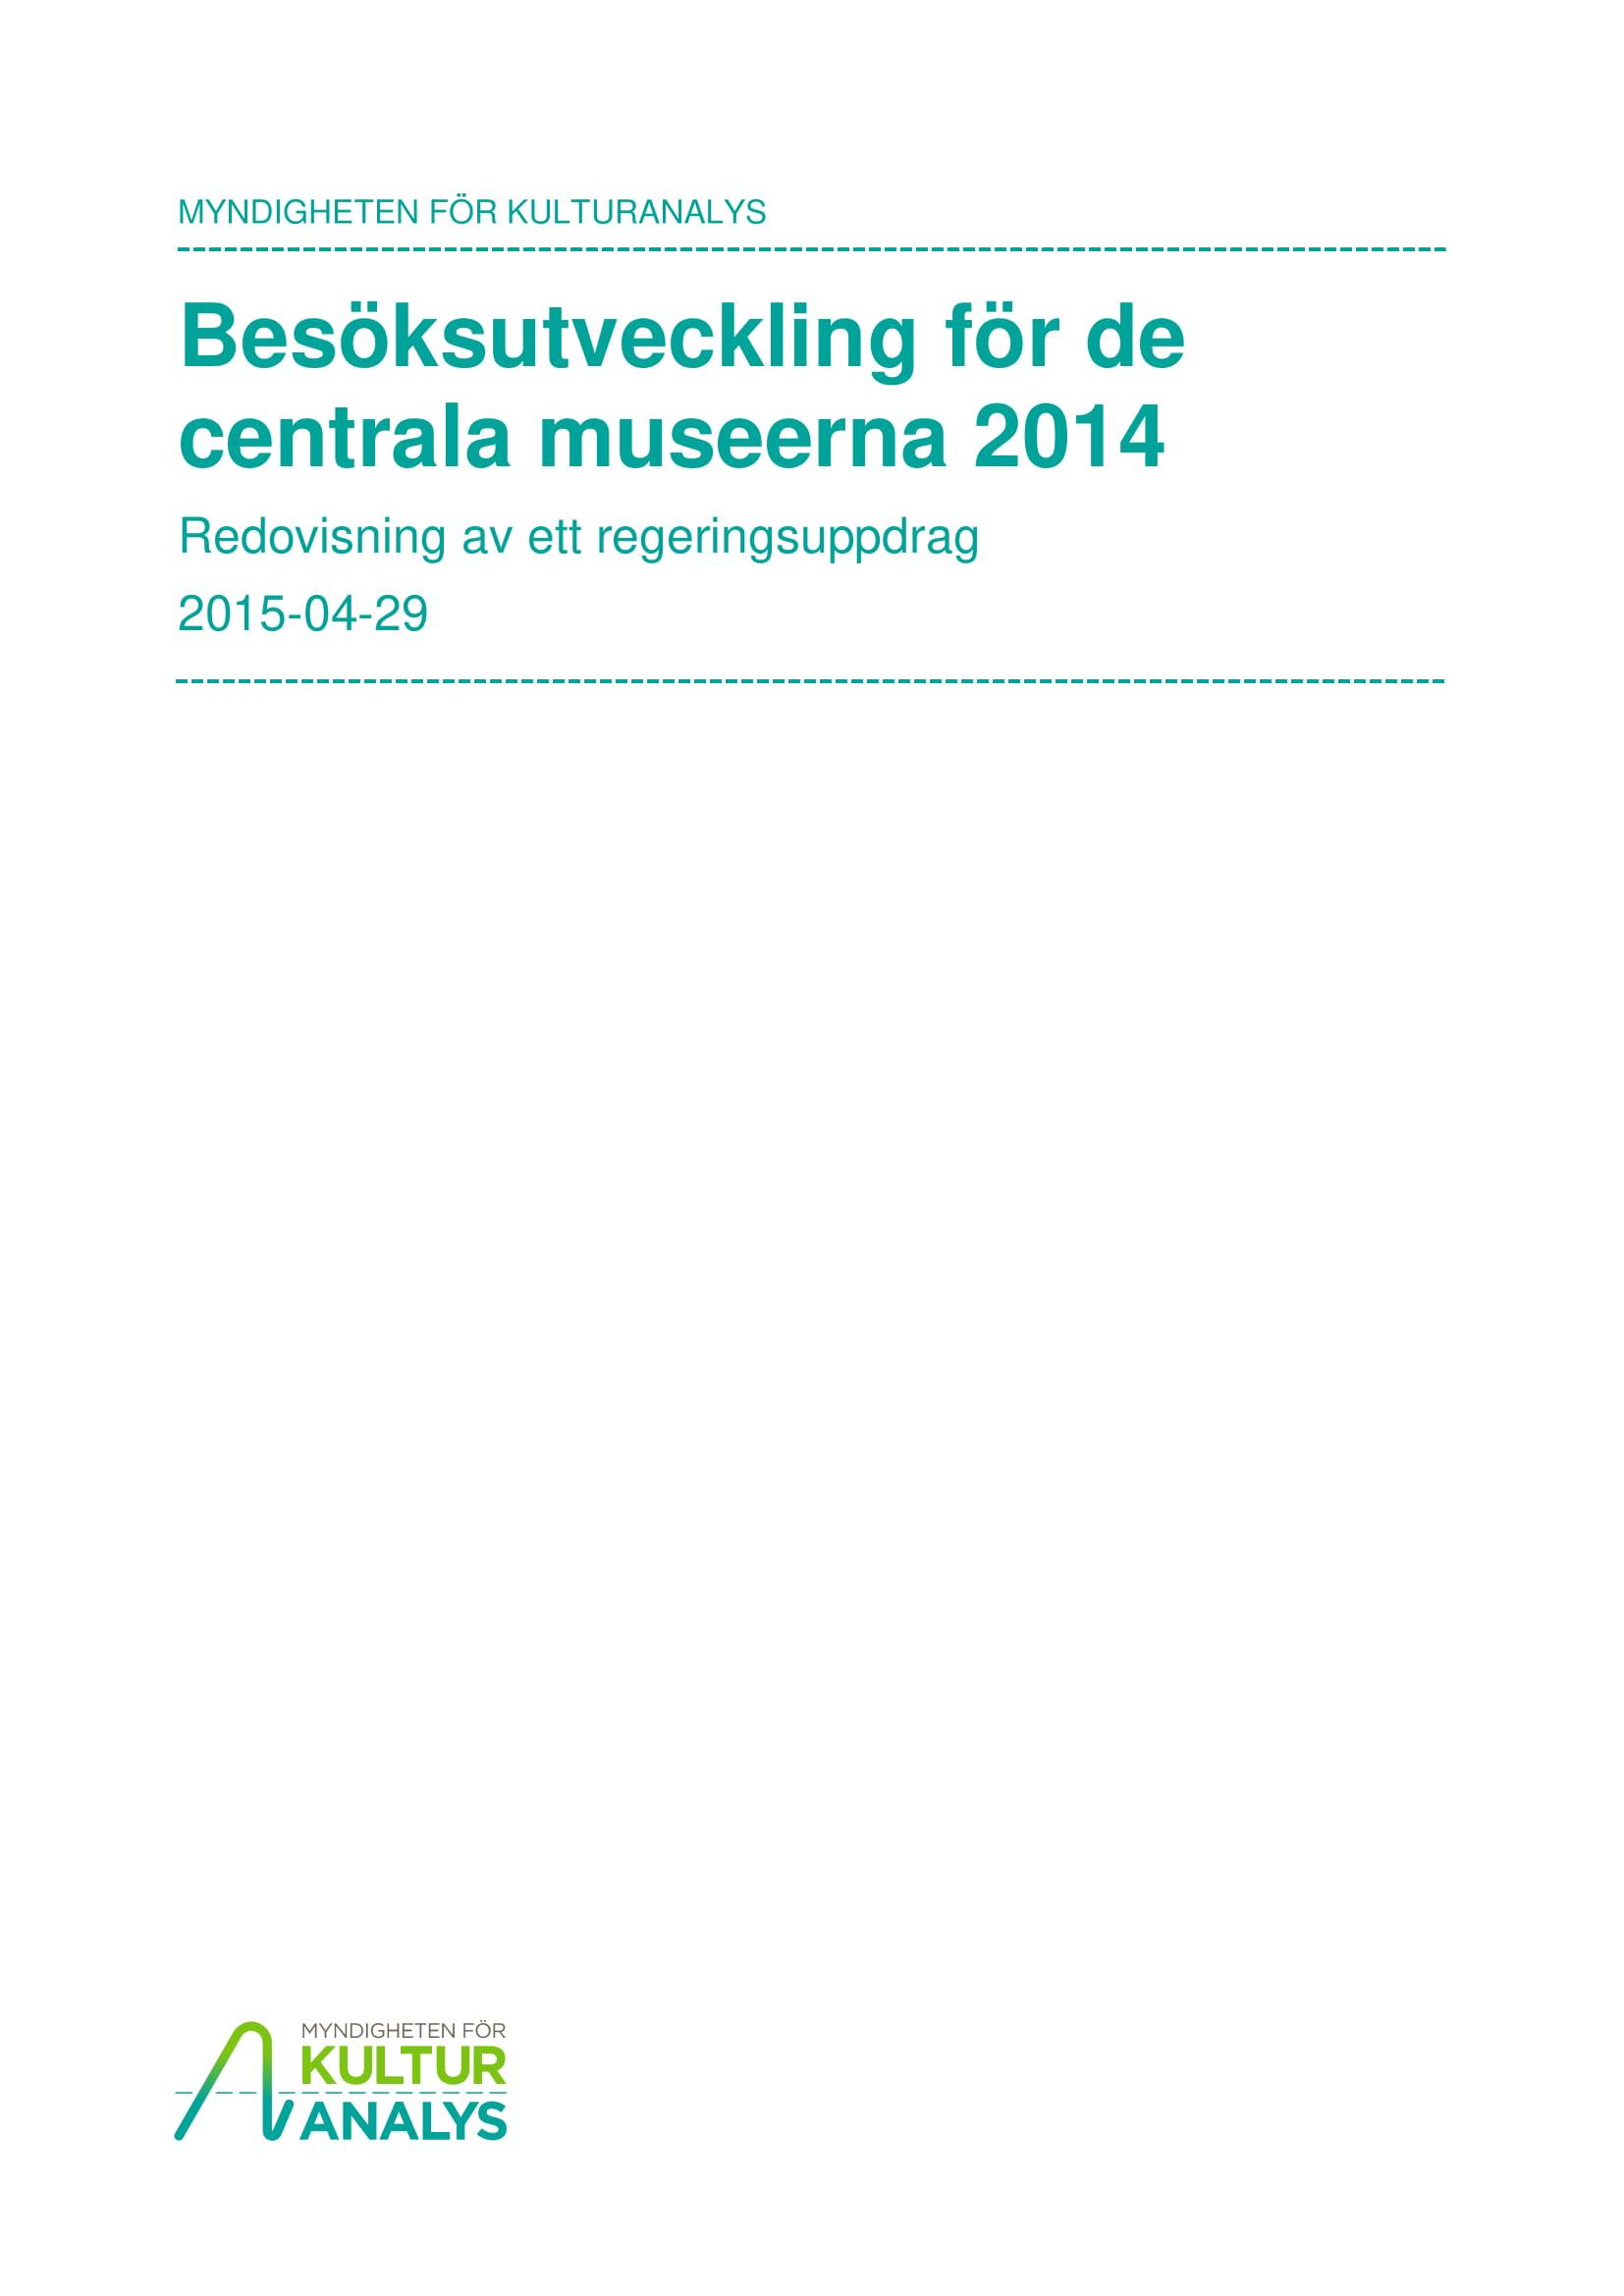 Omslagsbild Besöksutveckling för de centrala museerna 2014